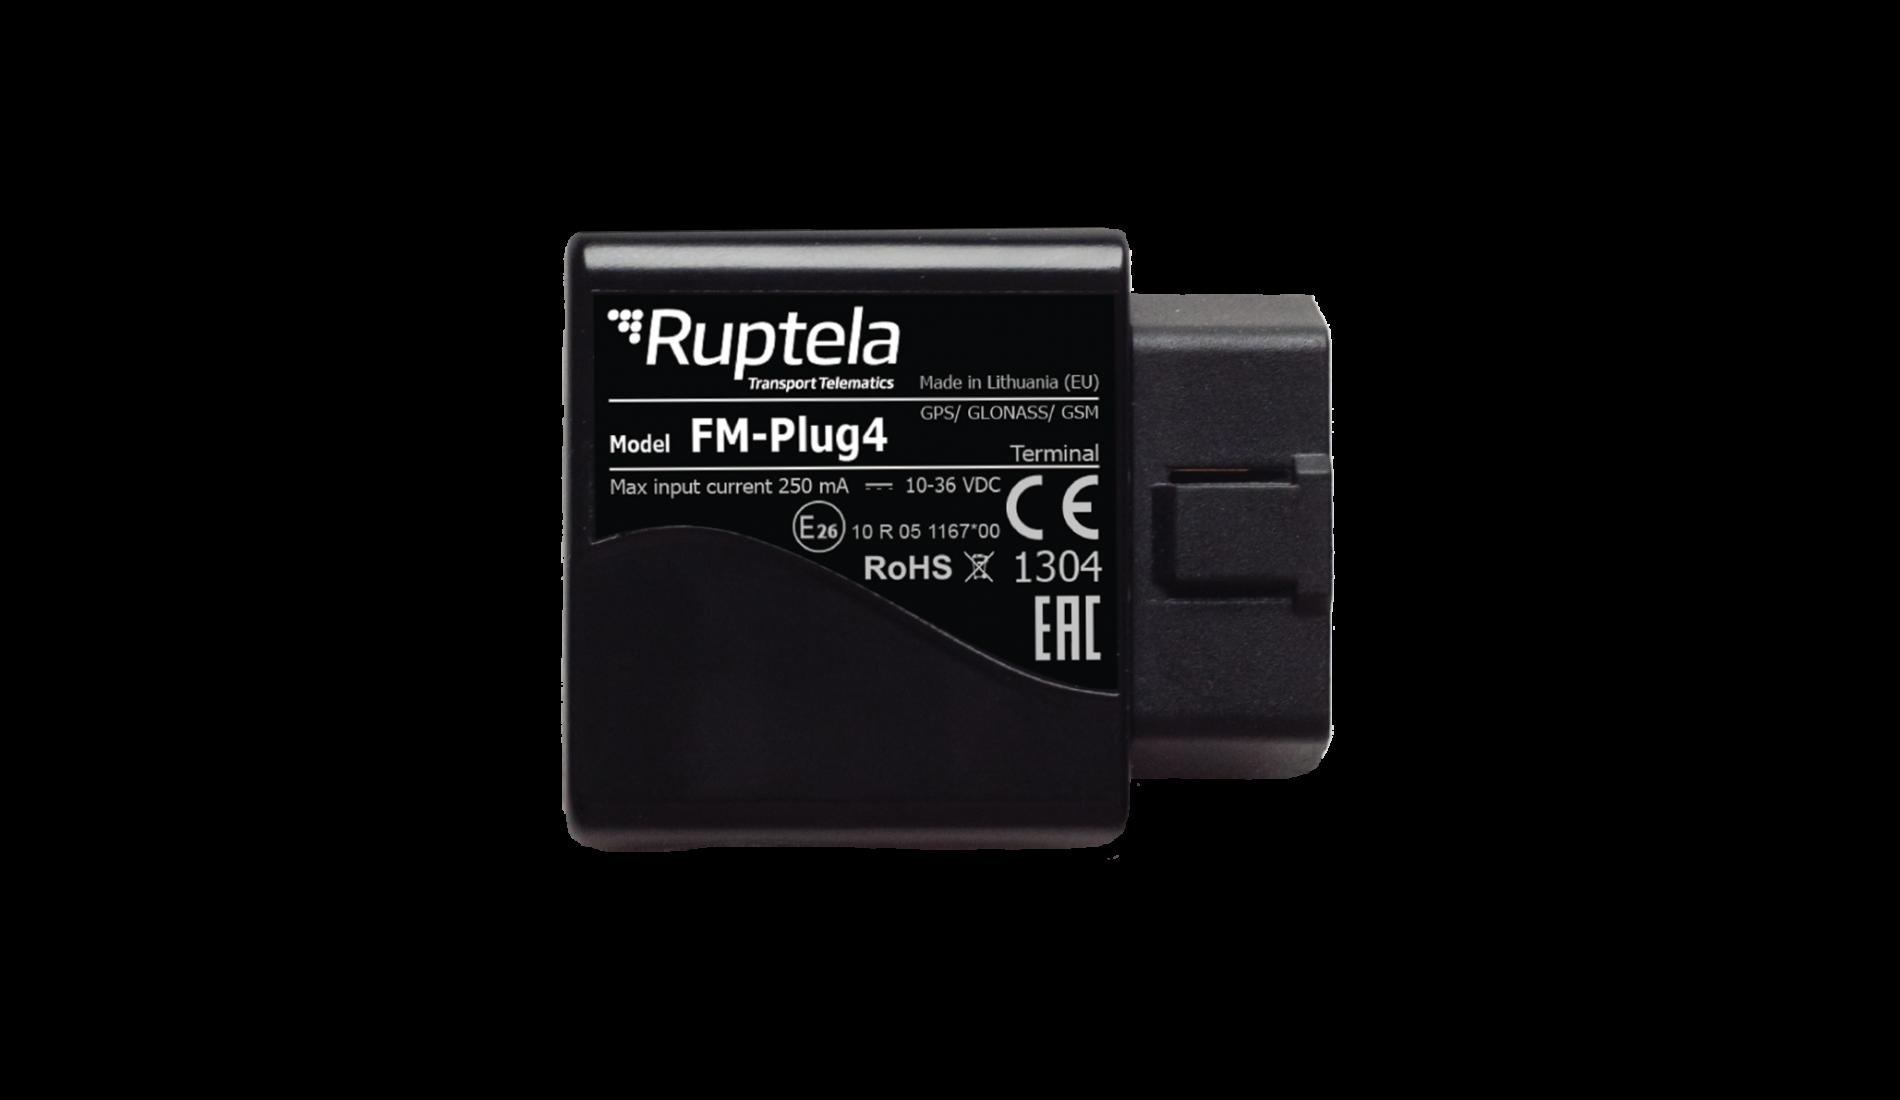 Ruptela-Plug4-front